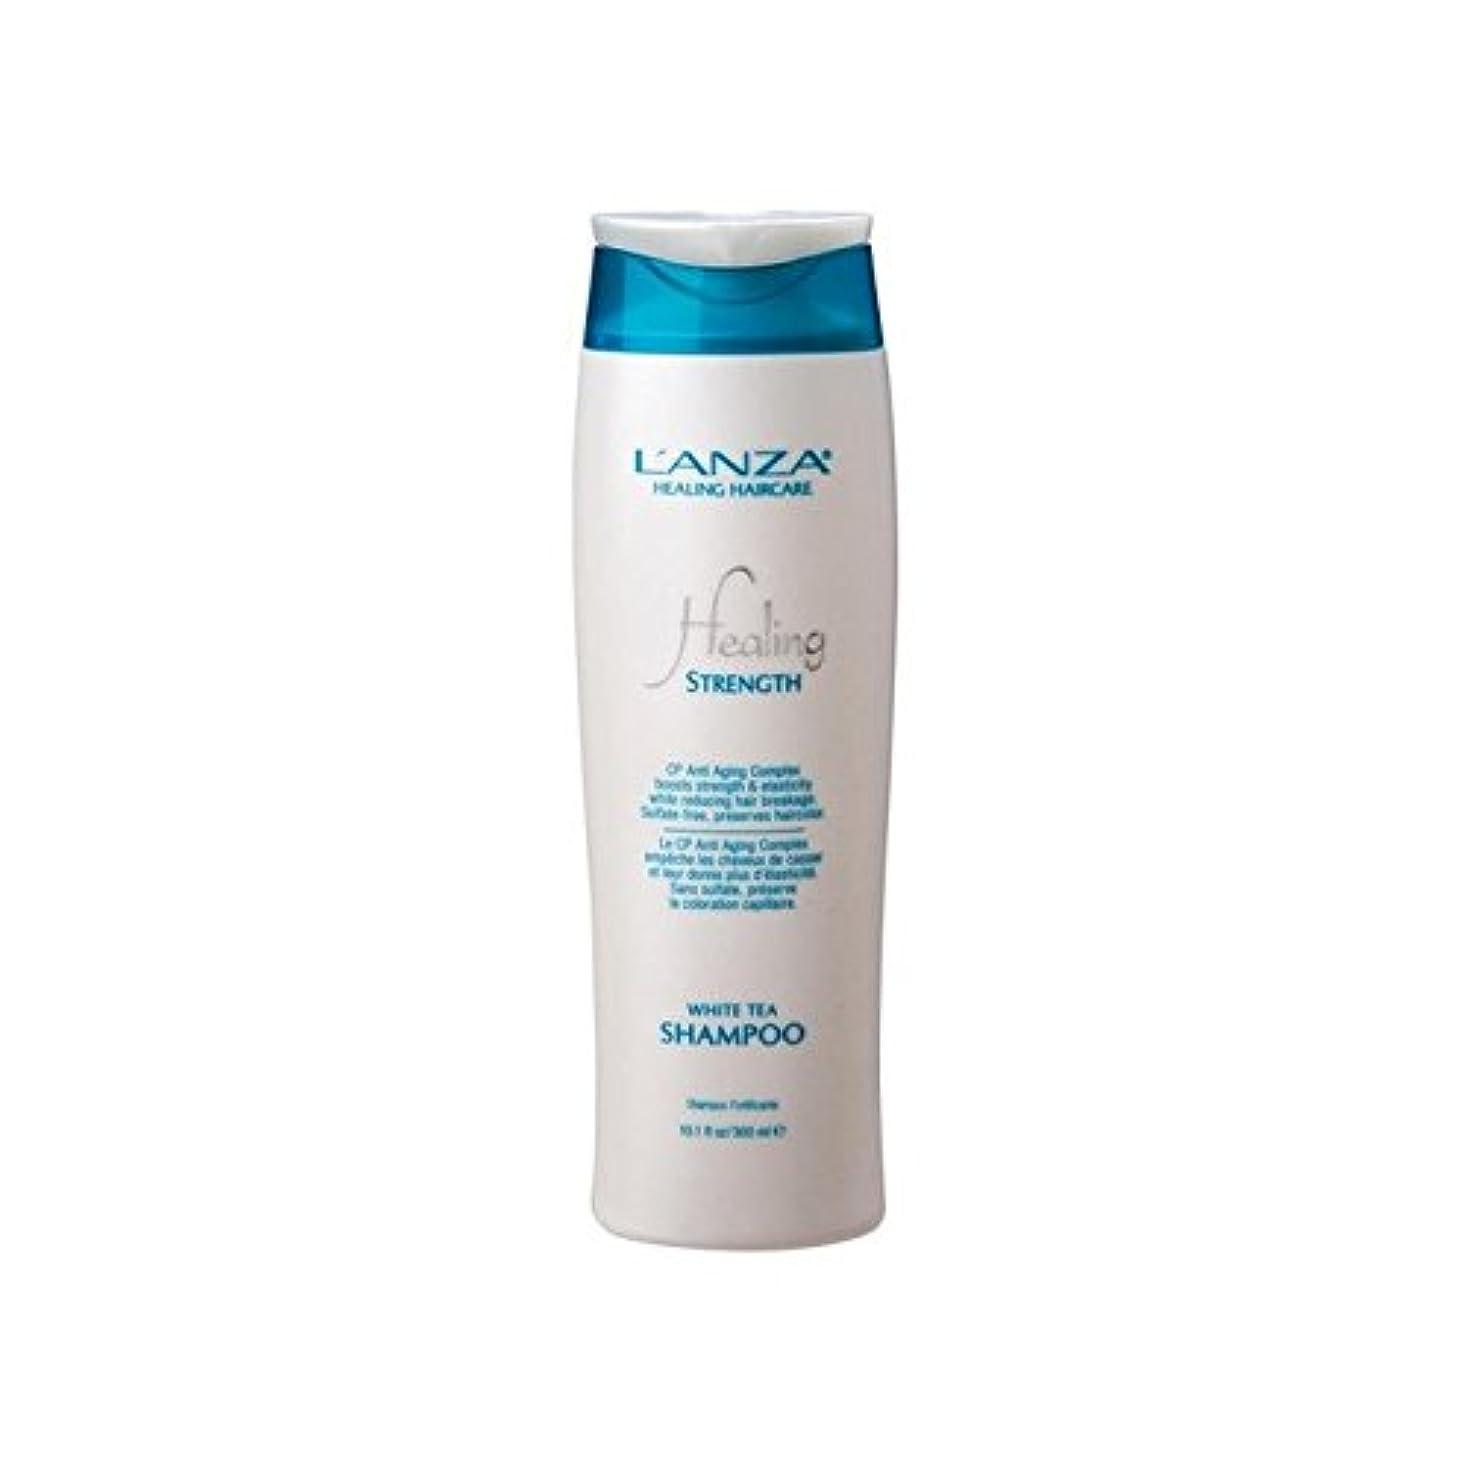 銅せせらぎ研究強ホワイトティーシャンプーを癒し'アンザ(300ミリリットル) x4 - L'Anza Healing Strength White Tea Shampoo (300ml) (Pack of 4) [並行輸入品]